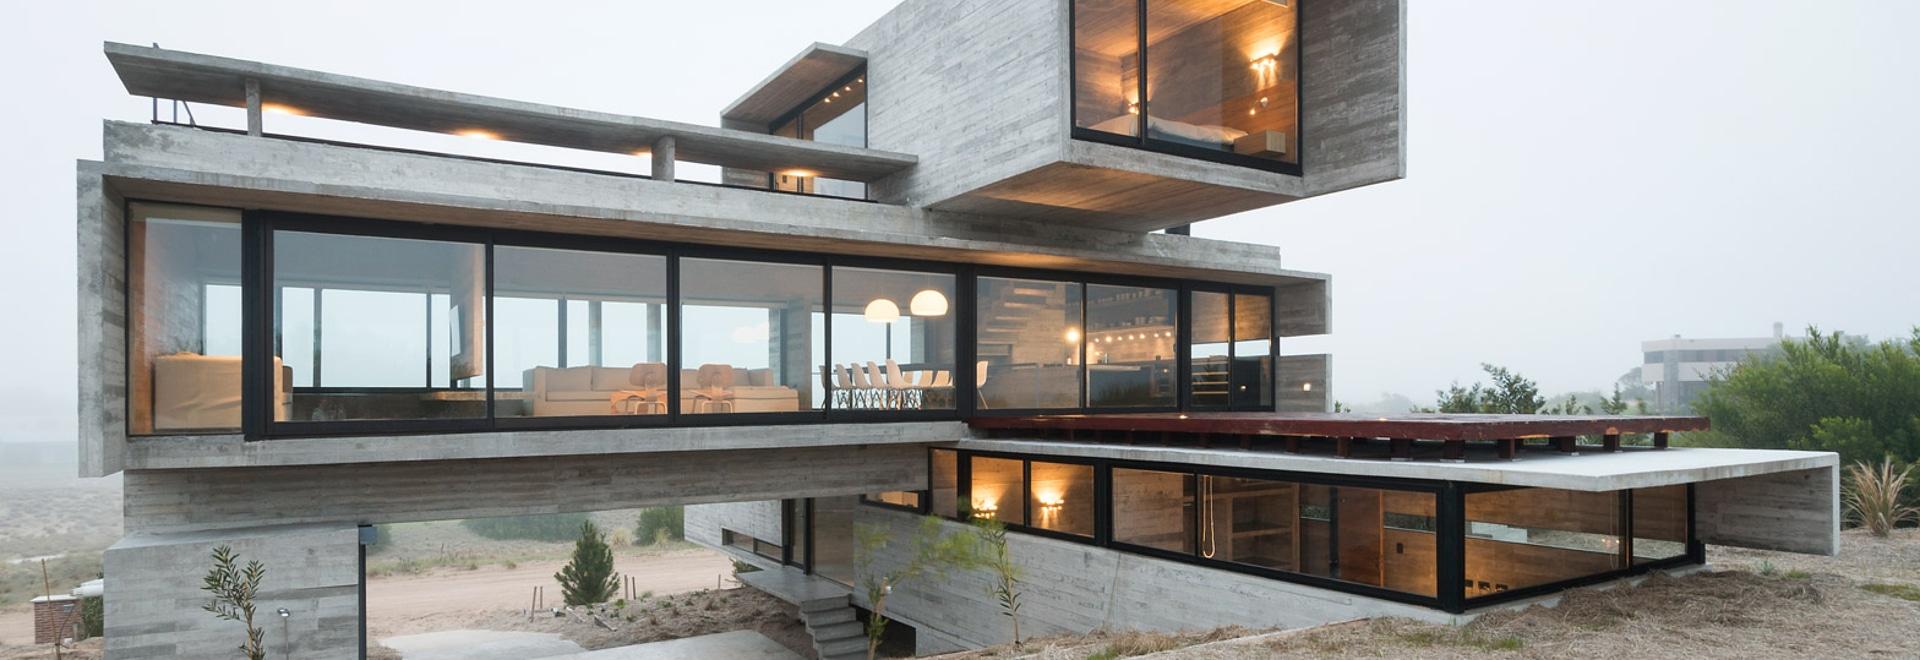 la maison en béton Panneau-marquée par Luciano Kruk se tient sur un terrain de golf de bord de la mer